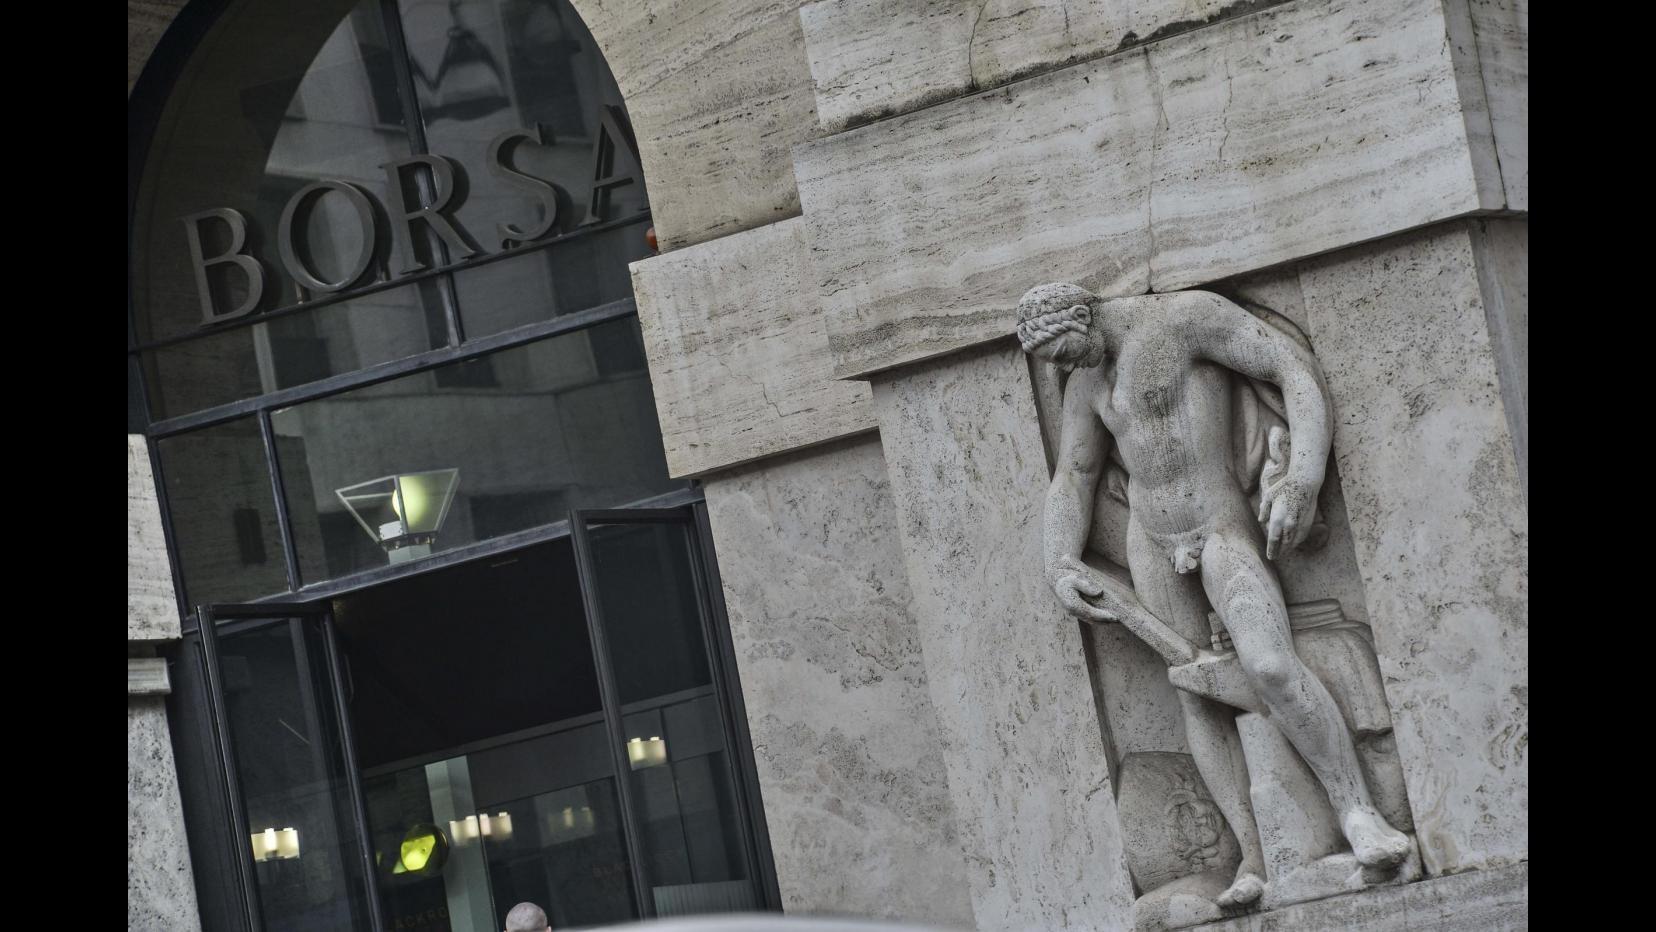 Borsa, chiusura in forte rialzo per Milano: Ftse Mib +2,62%